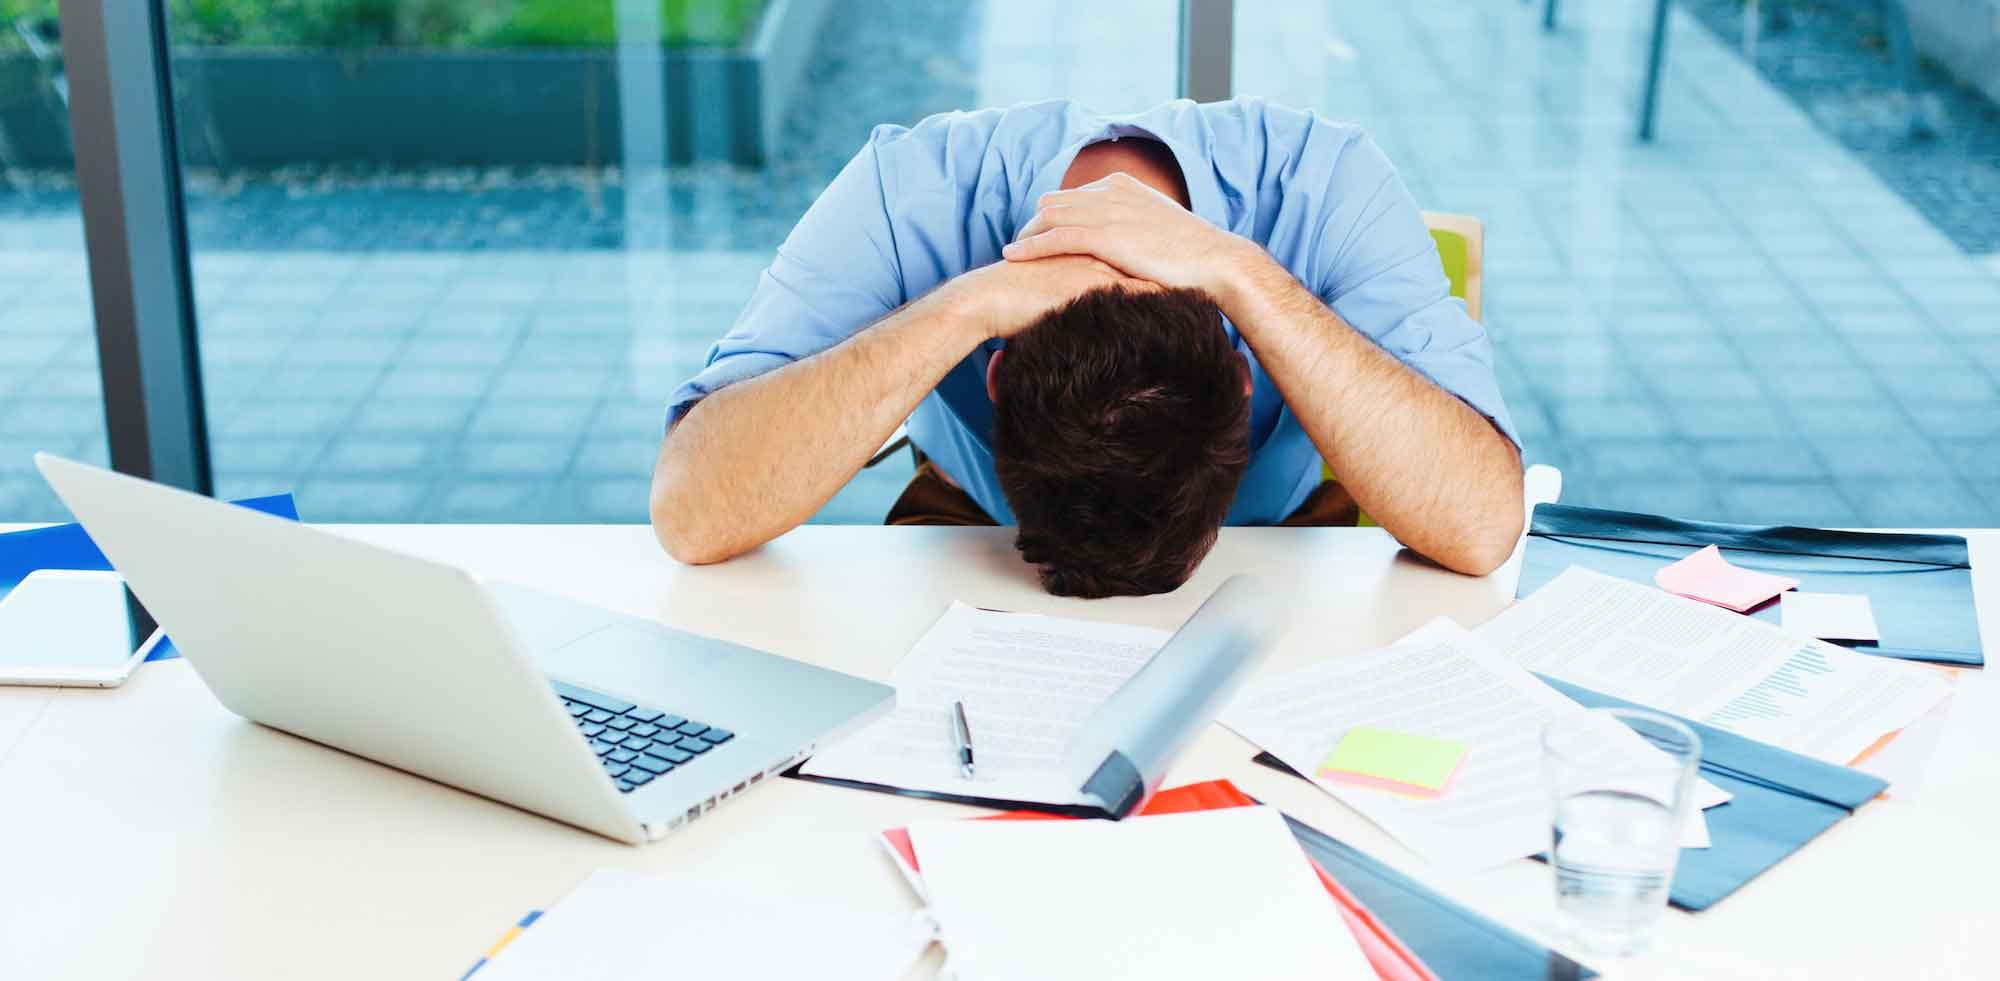 کار در منزل محدوده پیروزی ۵ مانع موفقیت در کسب و کار های اینترنتی - کسب و کار ...